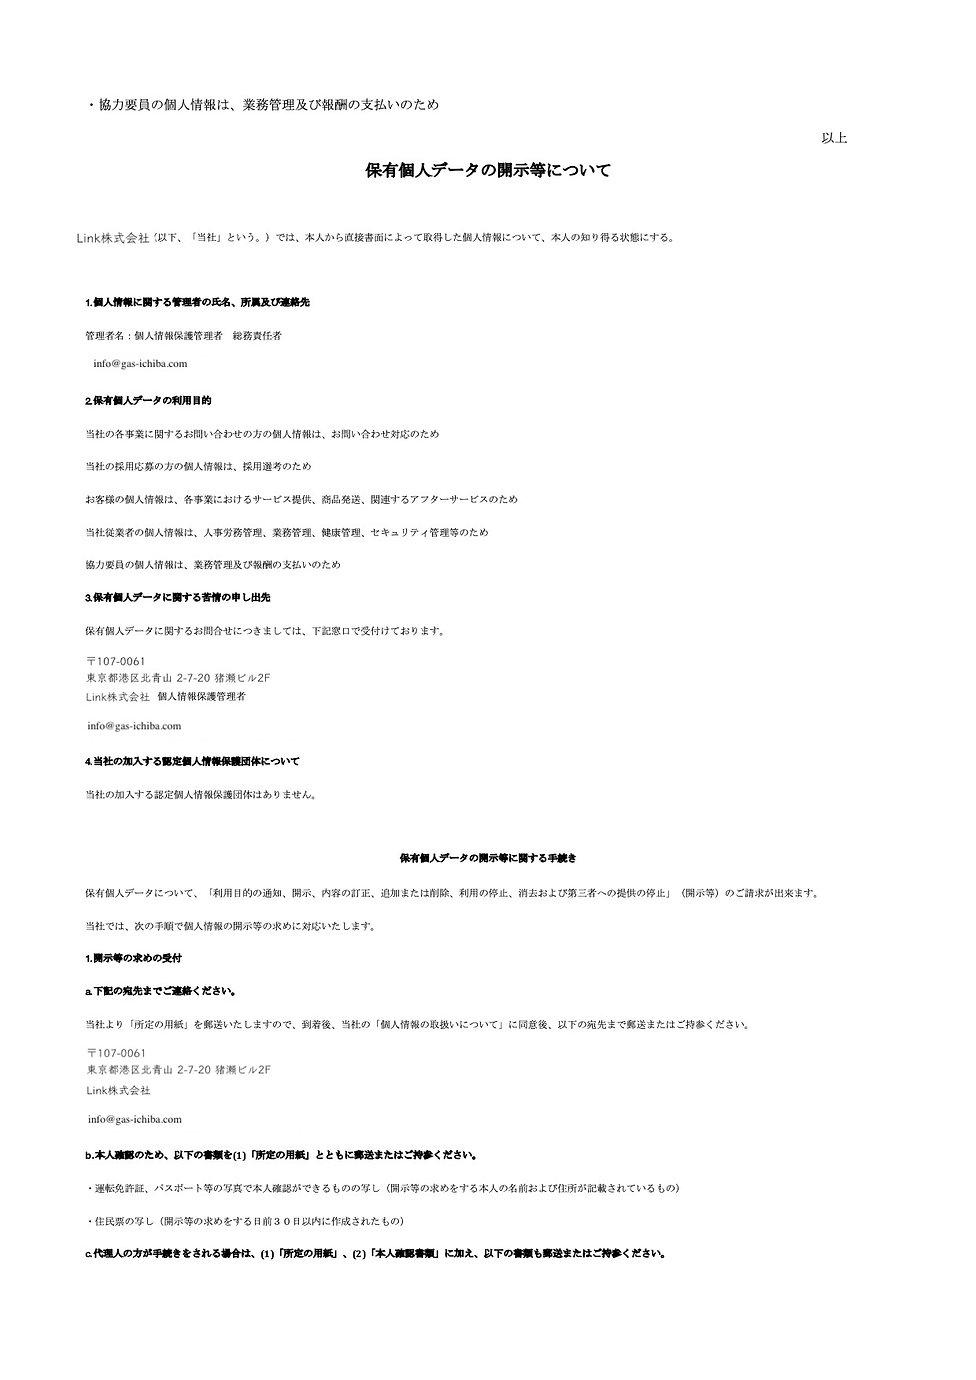 個人情報保護の記載 LINKトップ.jpg